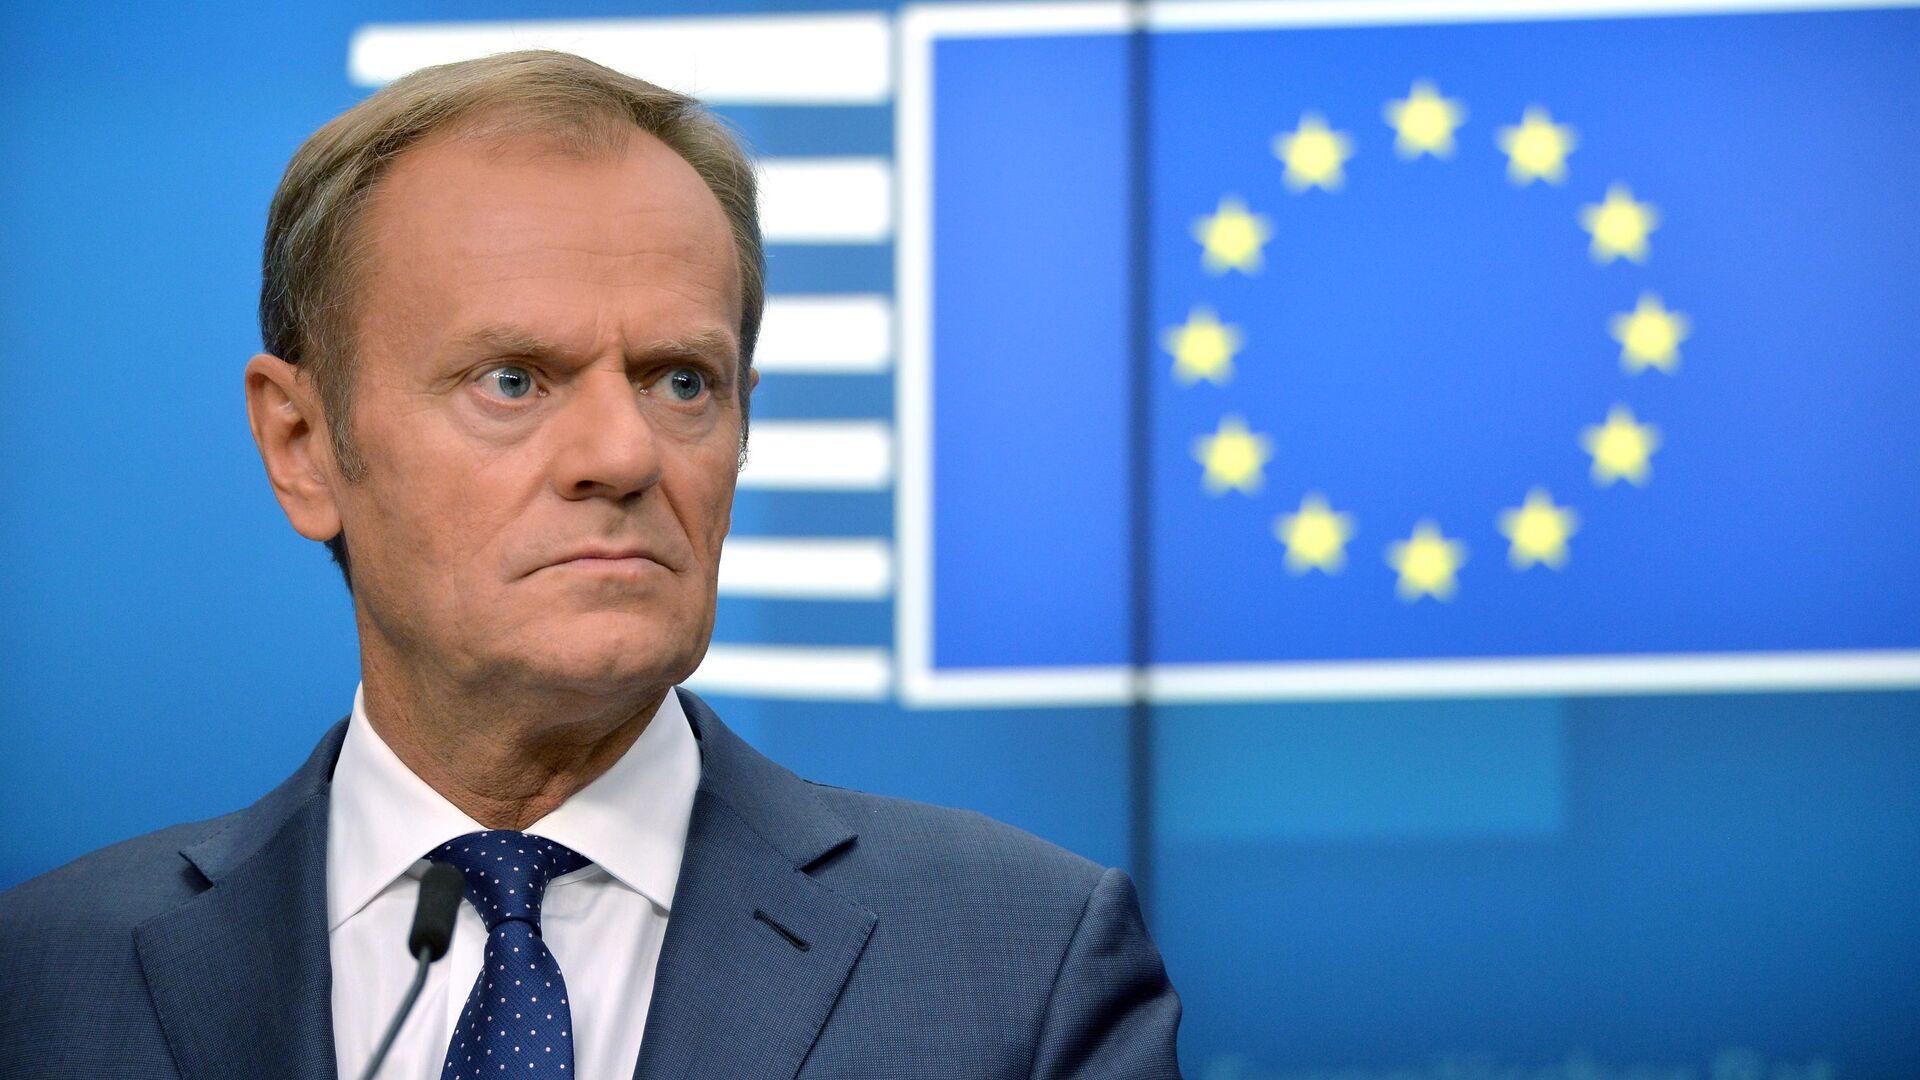 Председатель Европейского совета Дональд Туск на саммите ЕС в Брюсселе. 21 июня 2019 - РИА Новости, 1920, 10.09.2021